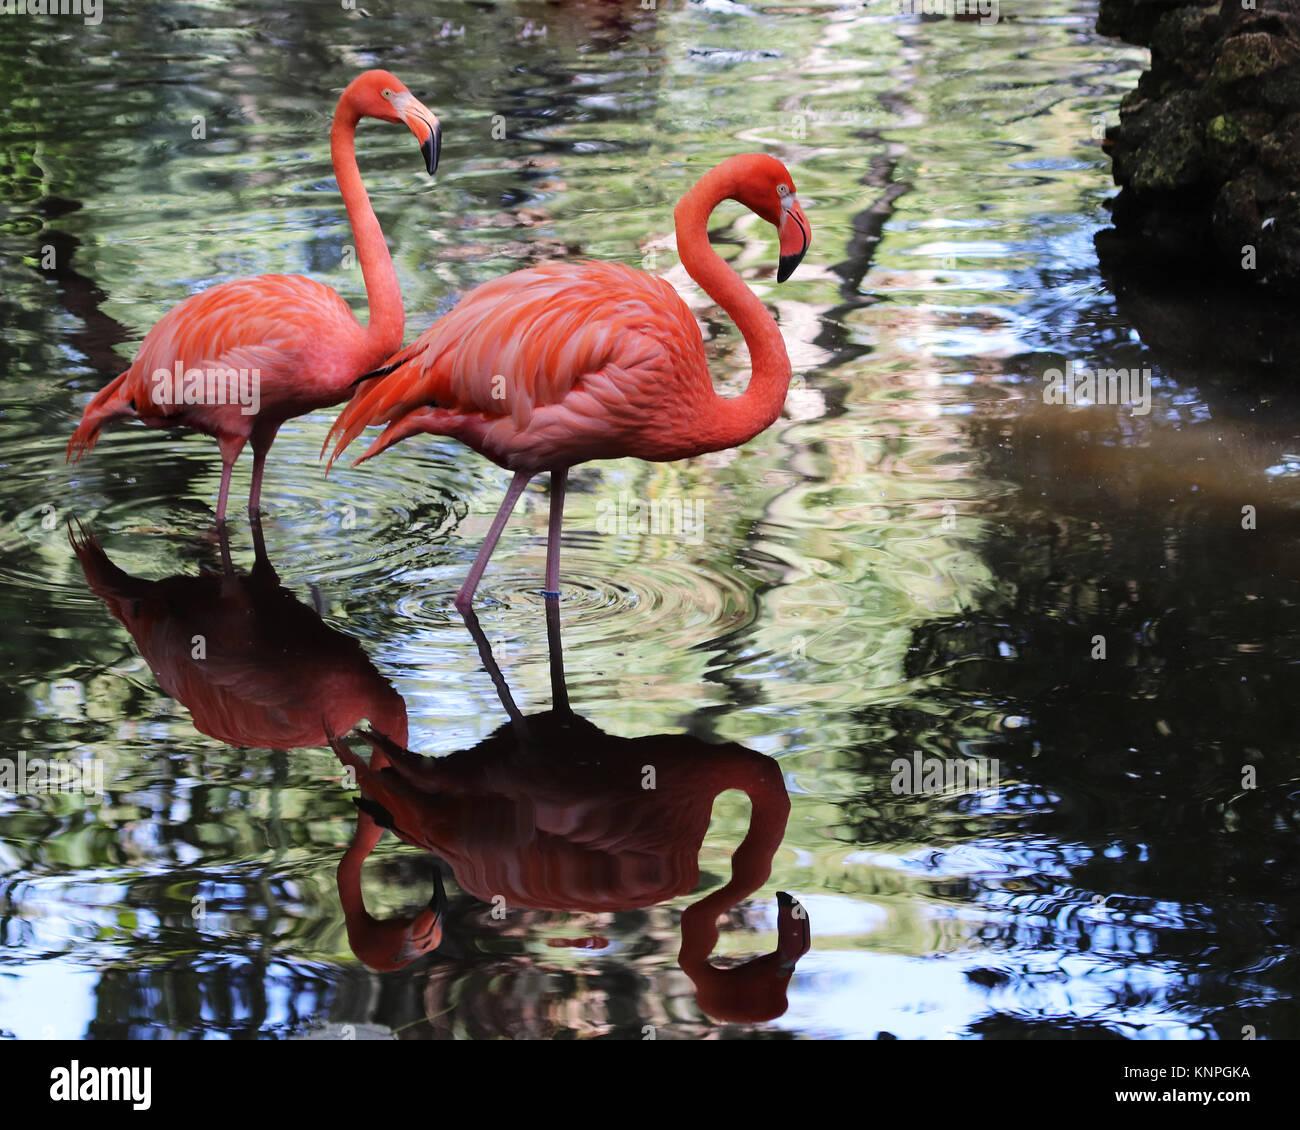 Quando un flamingo guarda per i cibi preferiti che includono gamberetti, lumache e acqua plantlike microorganismi Immagini Stock